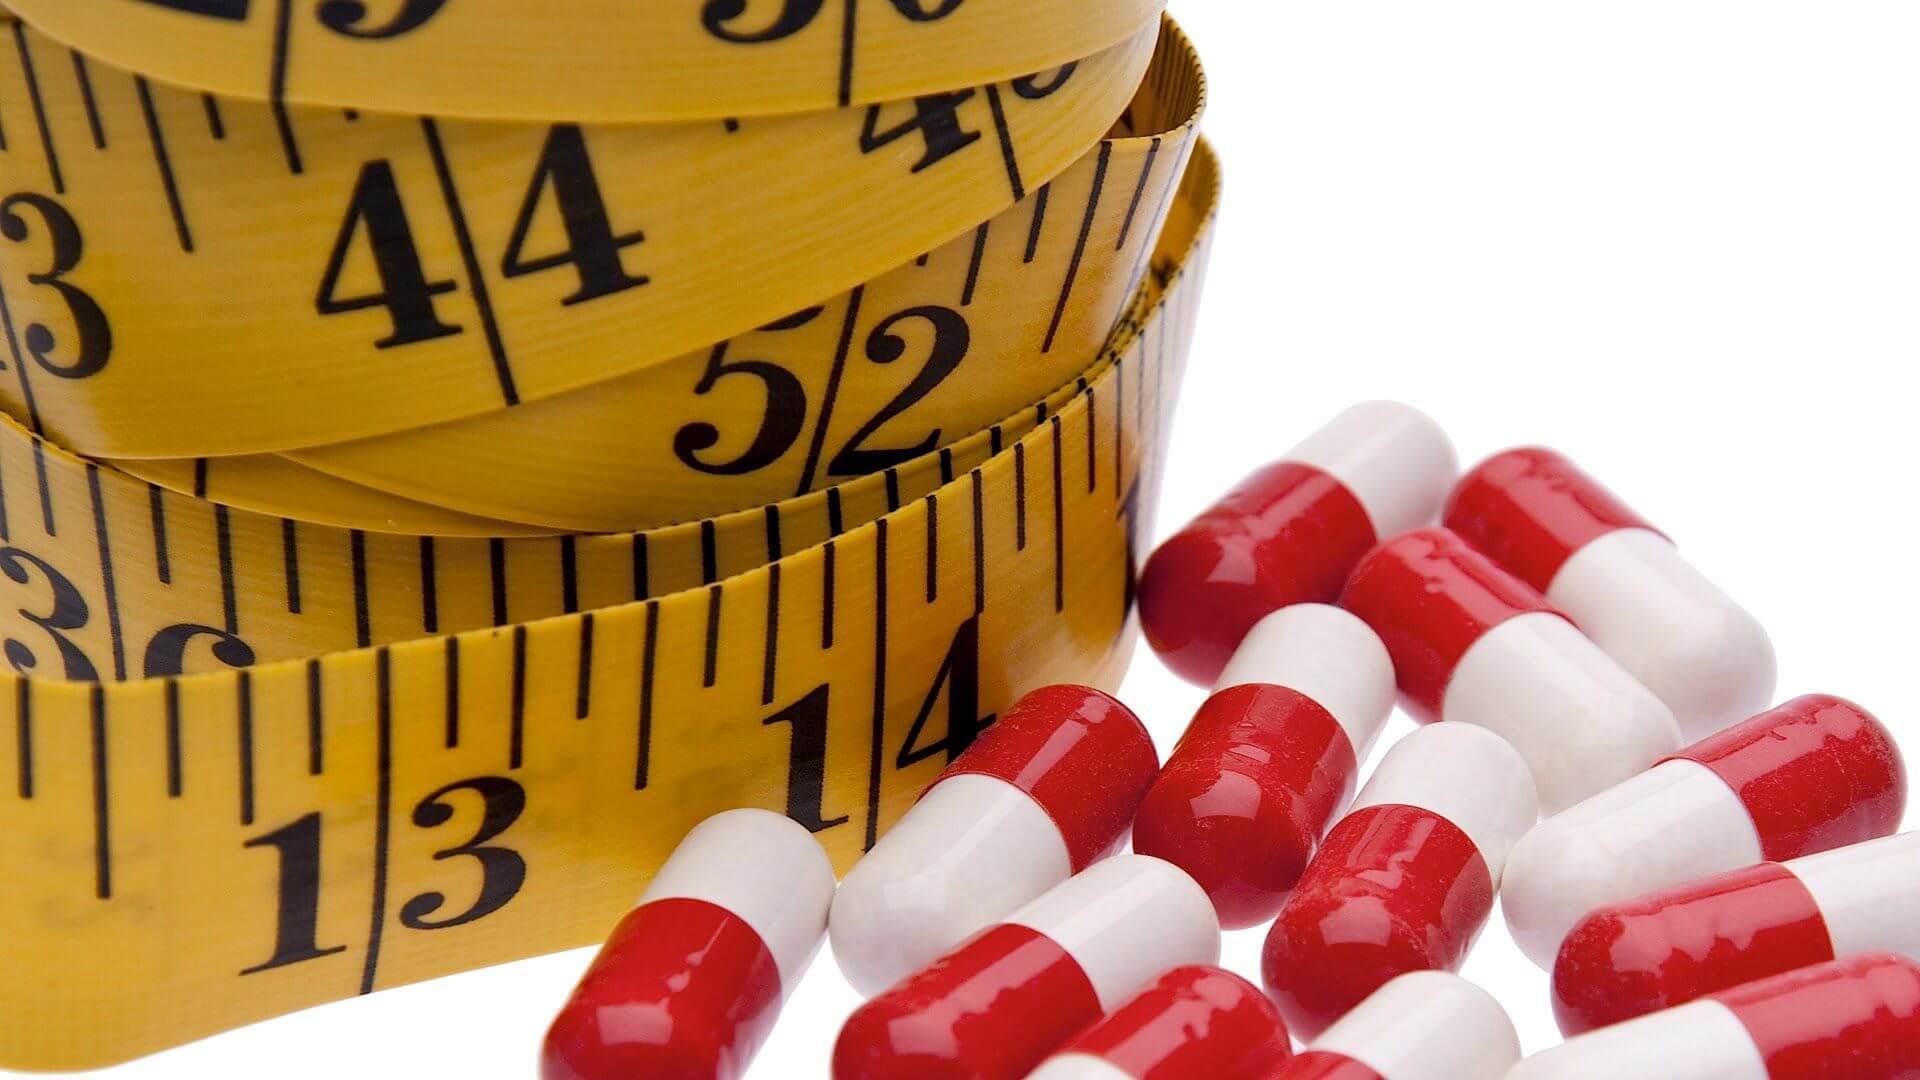 Картинка Таблетка Для Похудения. Рейтинг ТОП 7 лучших эффективных таблеток для похудения: польза и вред, отзывы врачей, цены